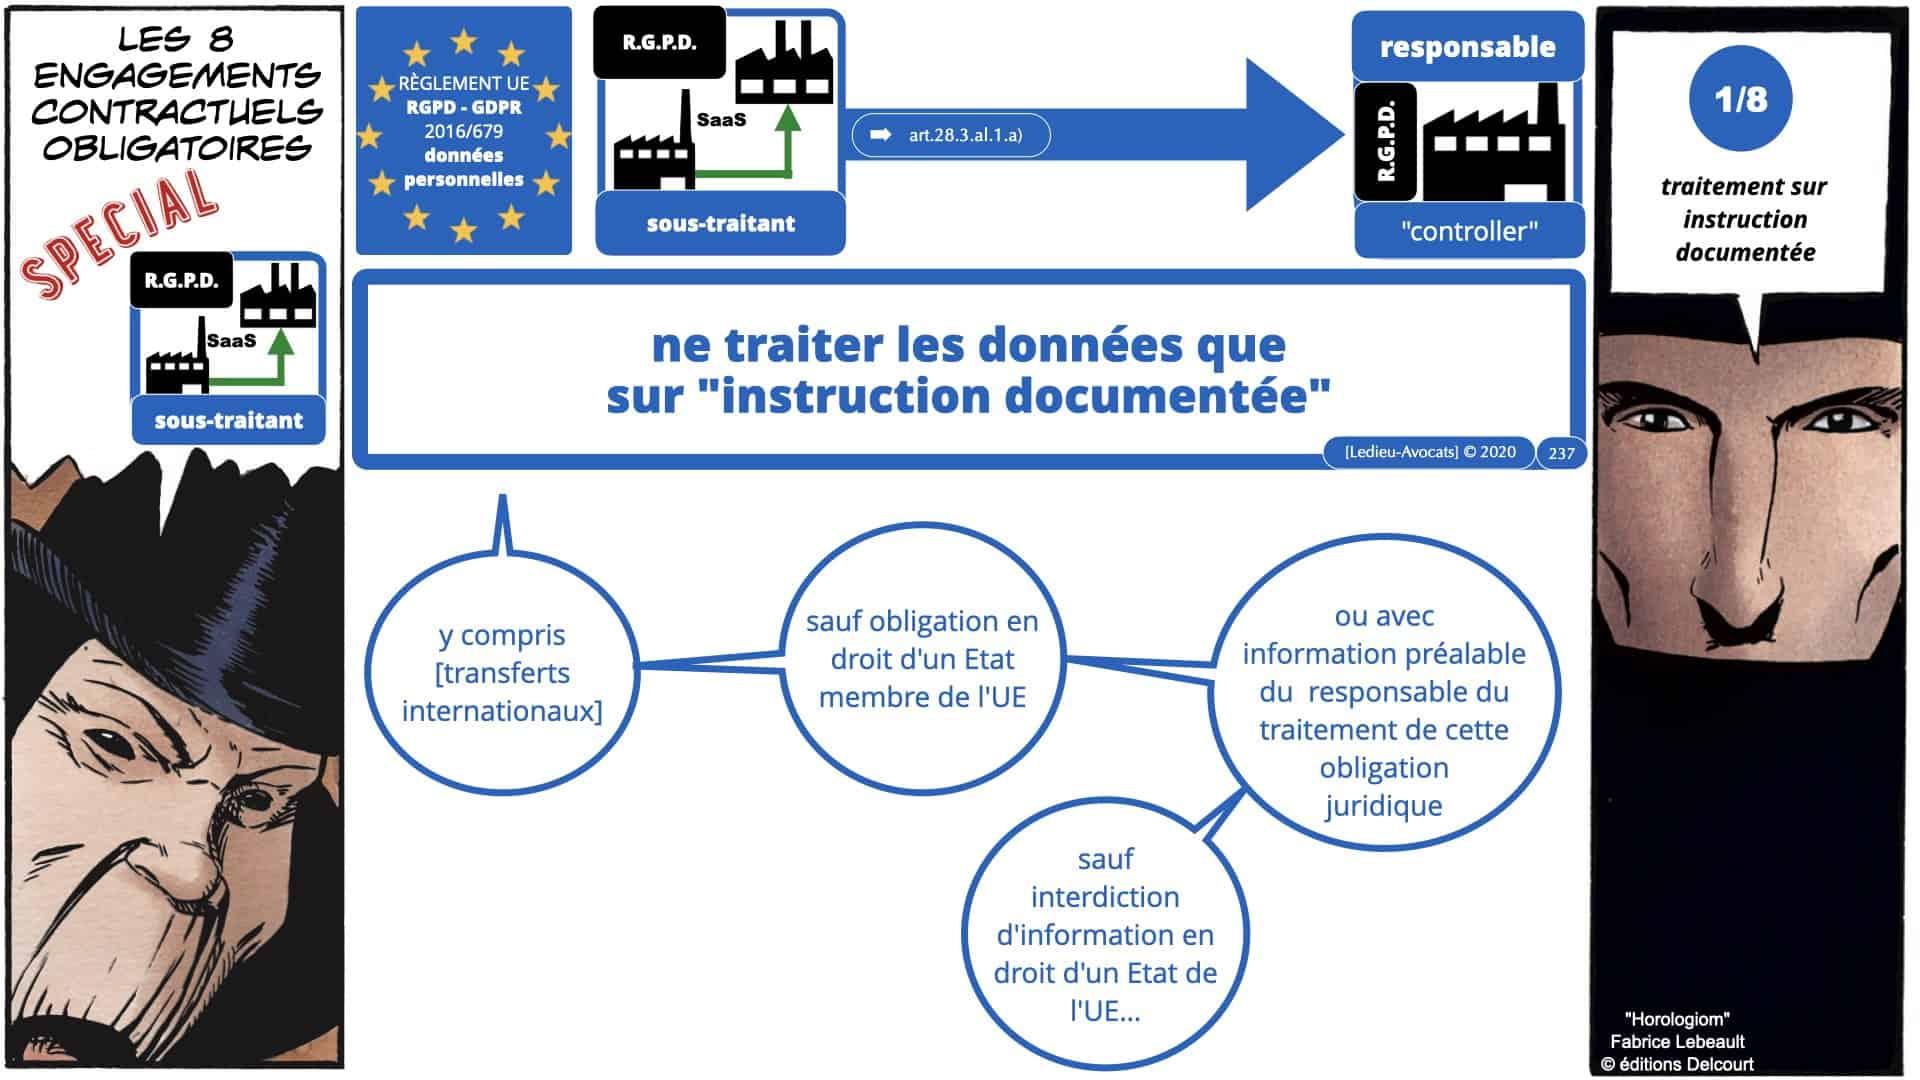 RGPD e-Privacy données personnelles jurisprudence formation Lamy Les Echos 10-02-2021 ©Ledieu-Avocats.237